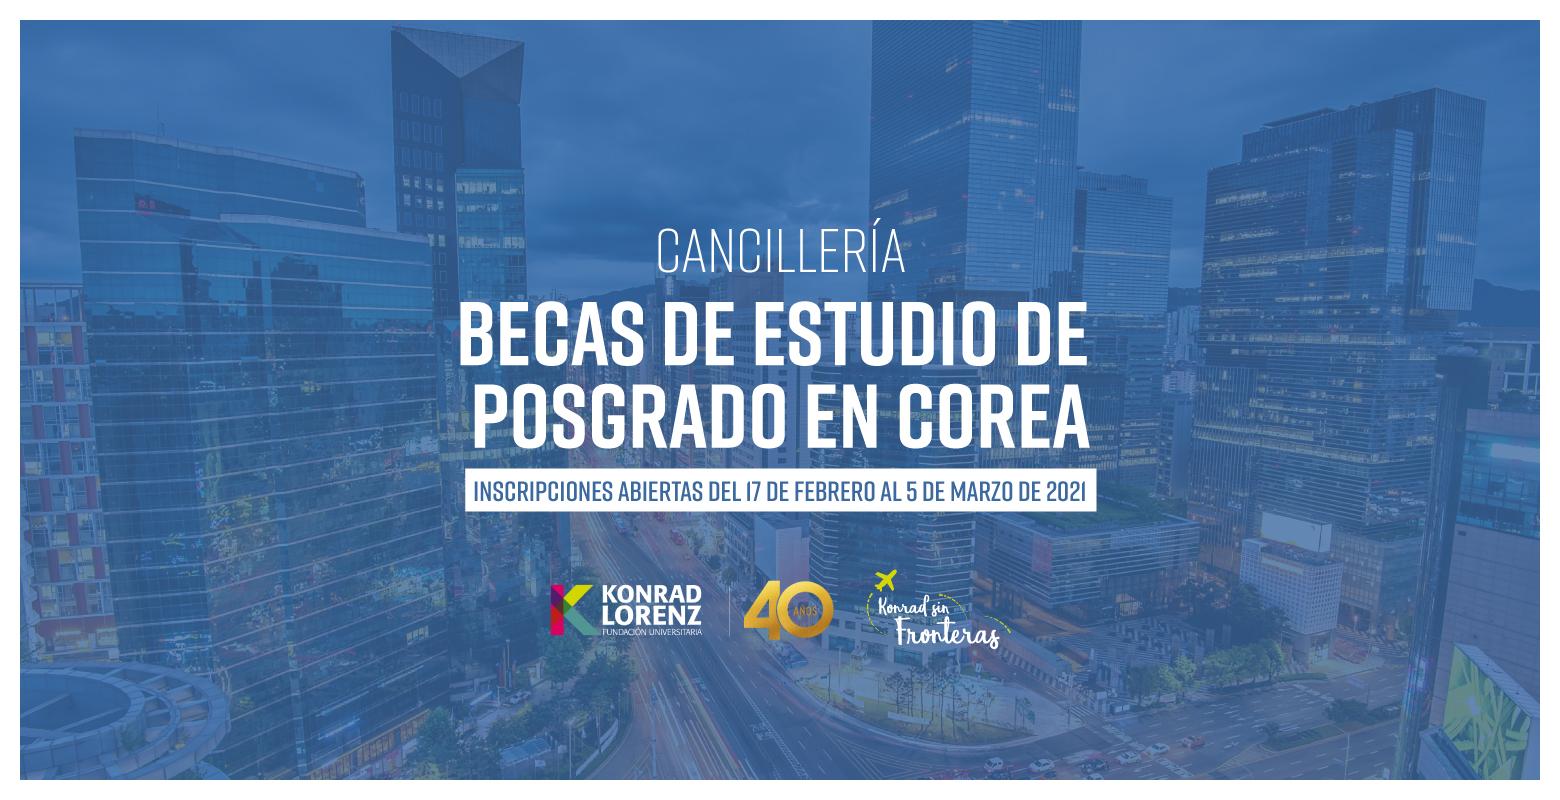 Cancillería: Becas de Estudio de Posgrado en Corea